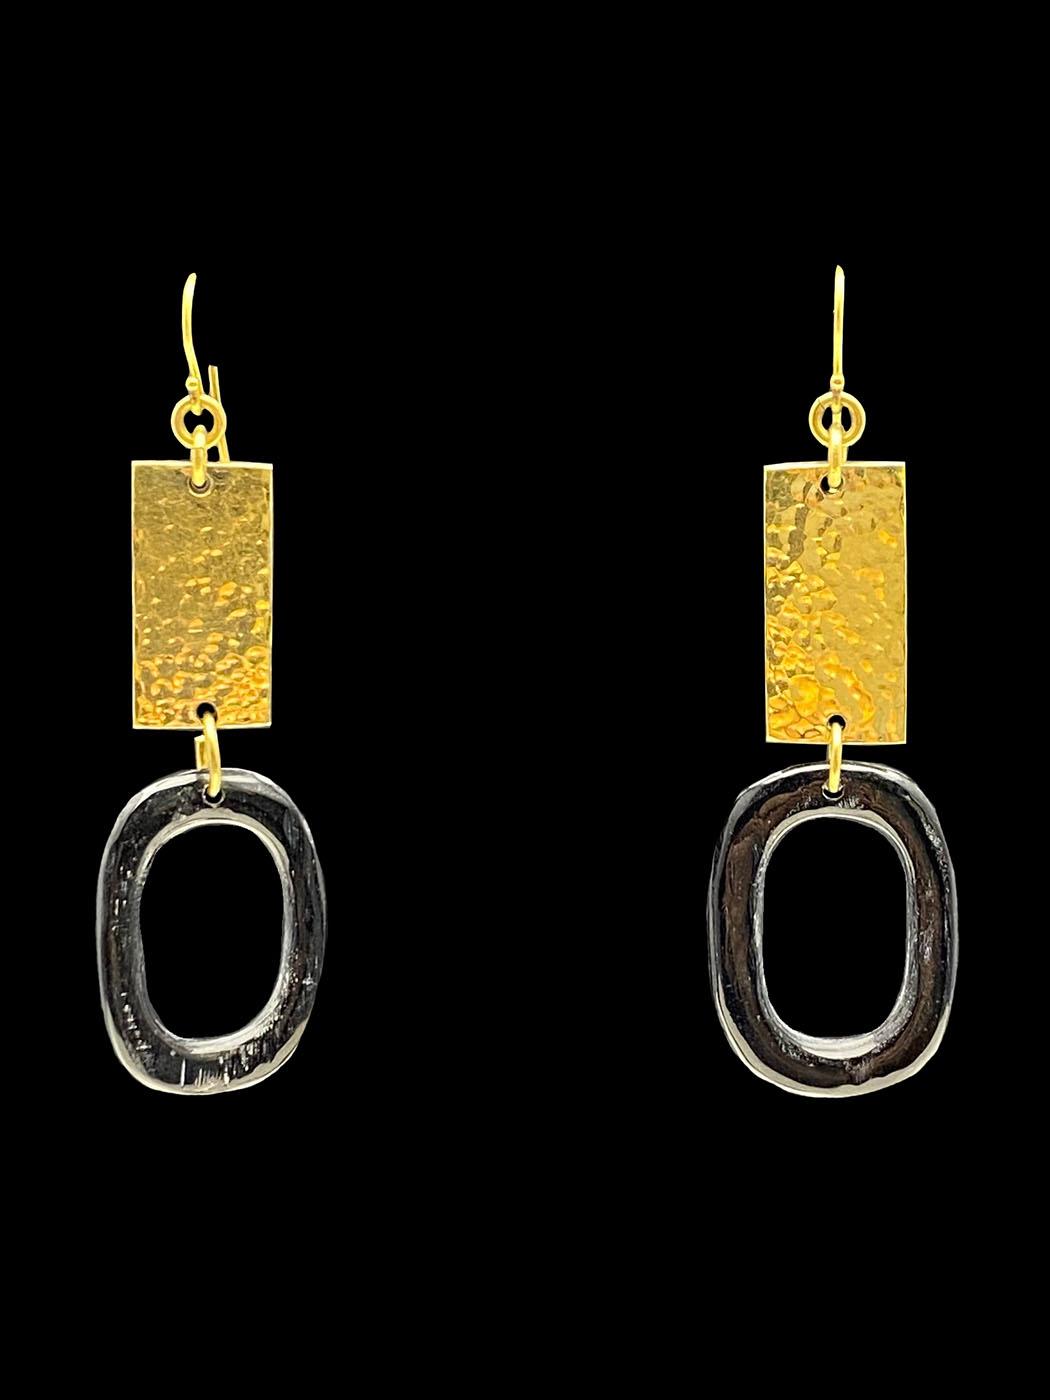 Rectangular Hammered Brass and Horn Earrings - Kenya